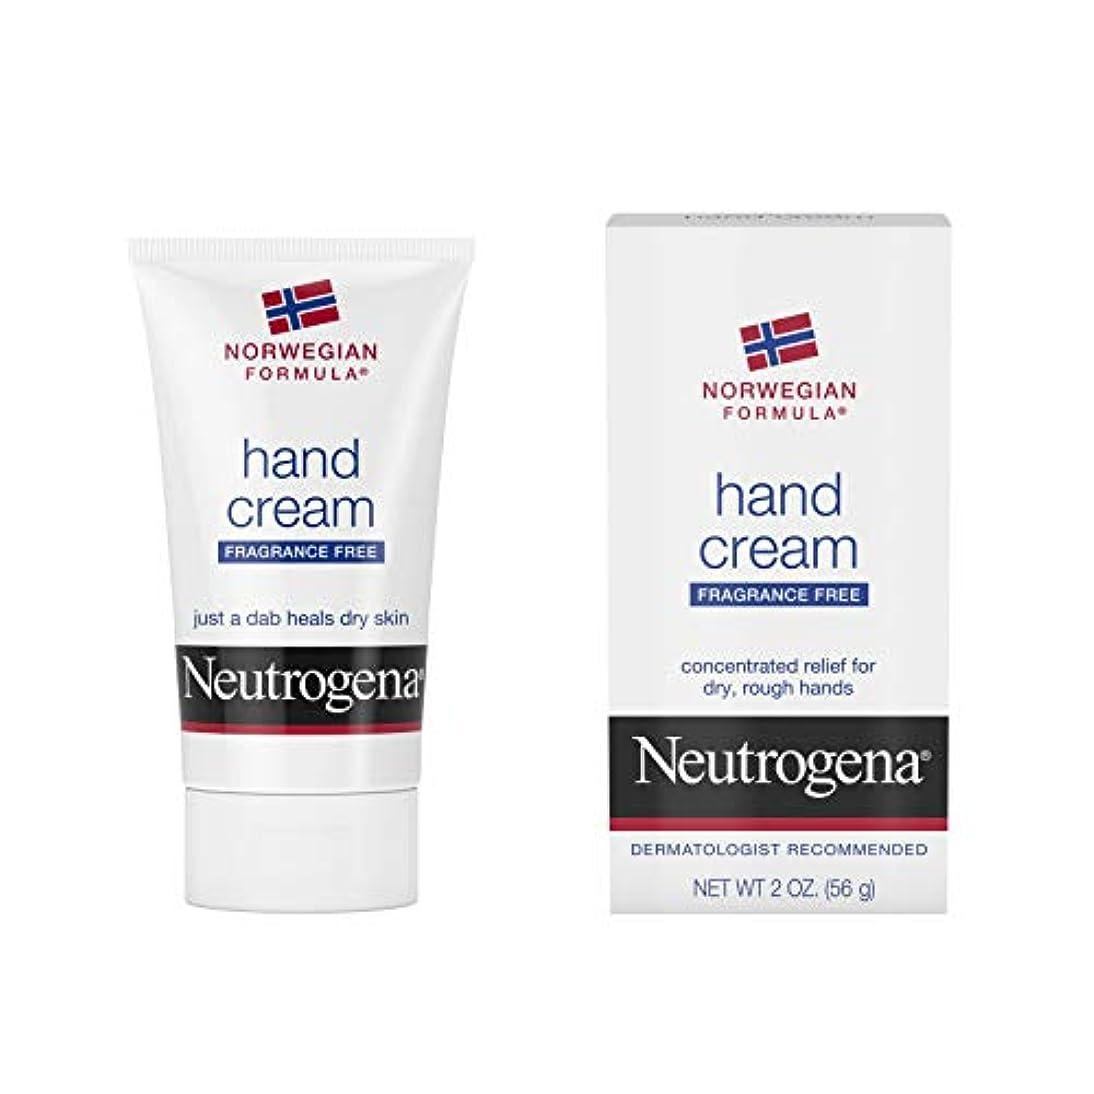 ボール確認するマネージャーNeutrogena Norwegian Formula Hand Cream Fragrance-Free 60 ml (並行輸入品)